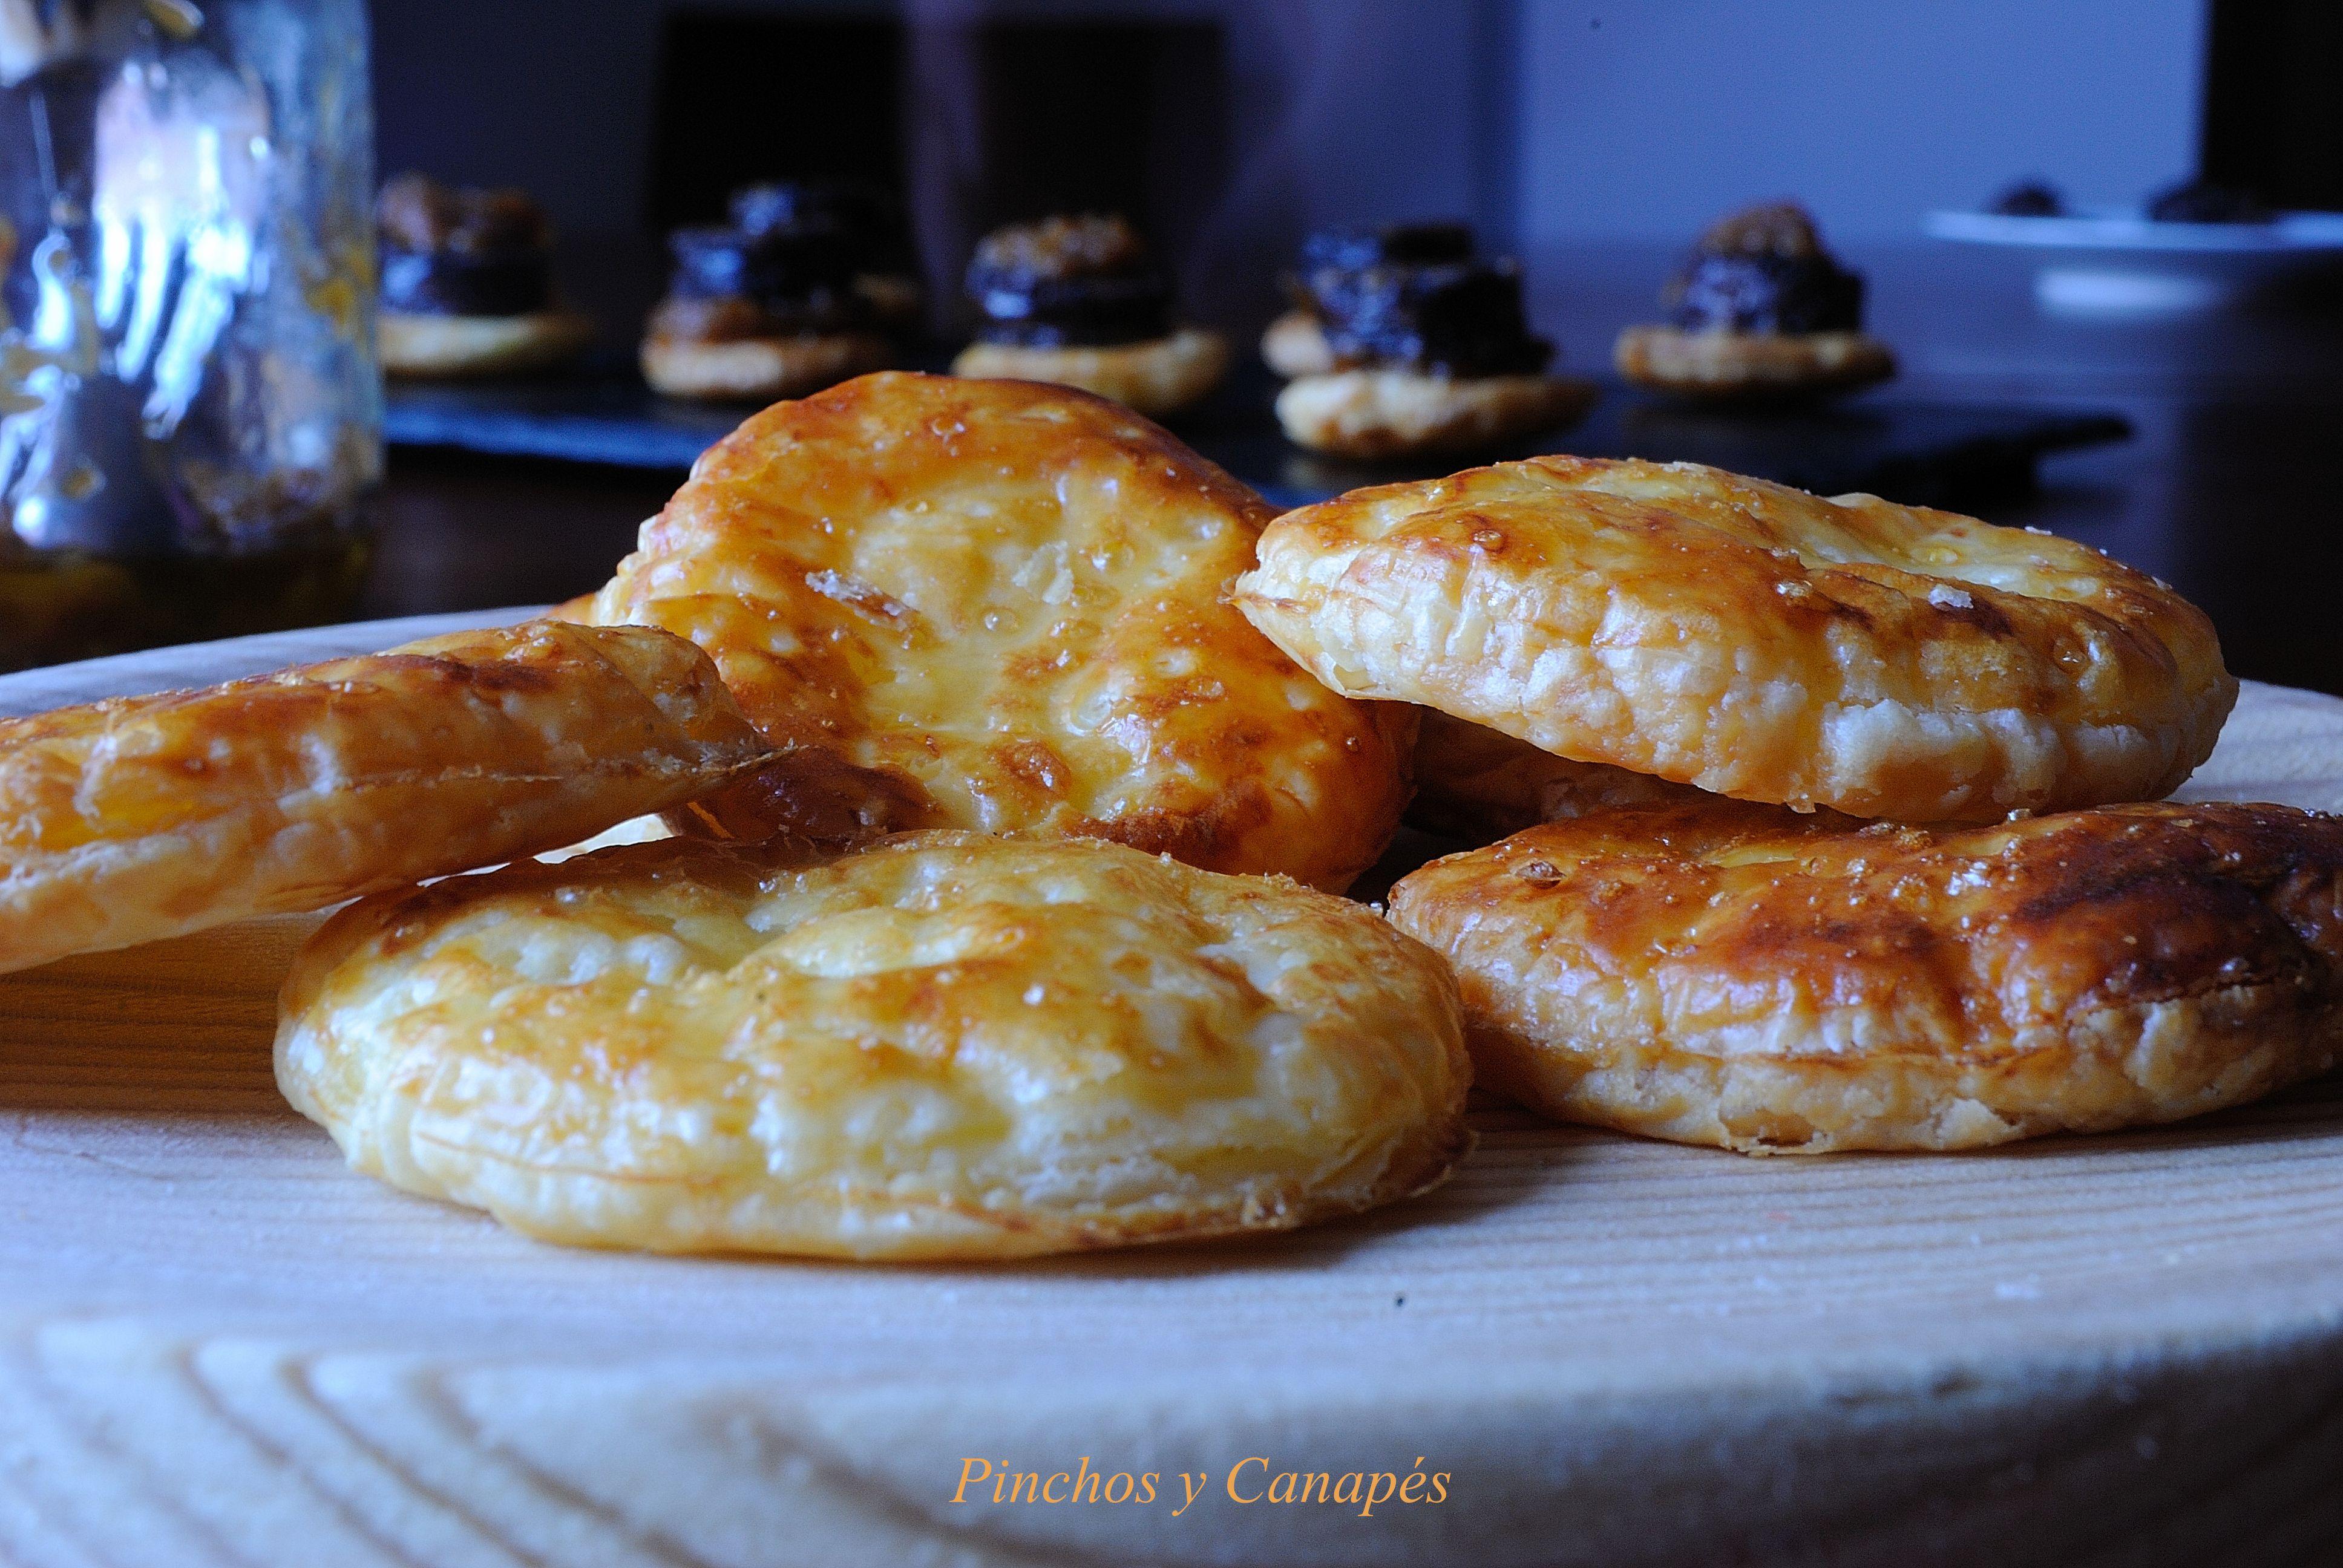 Canap s de morcilla de burgos con cebolla caramelizada y for Canape de pate con cebolla caramelizada